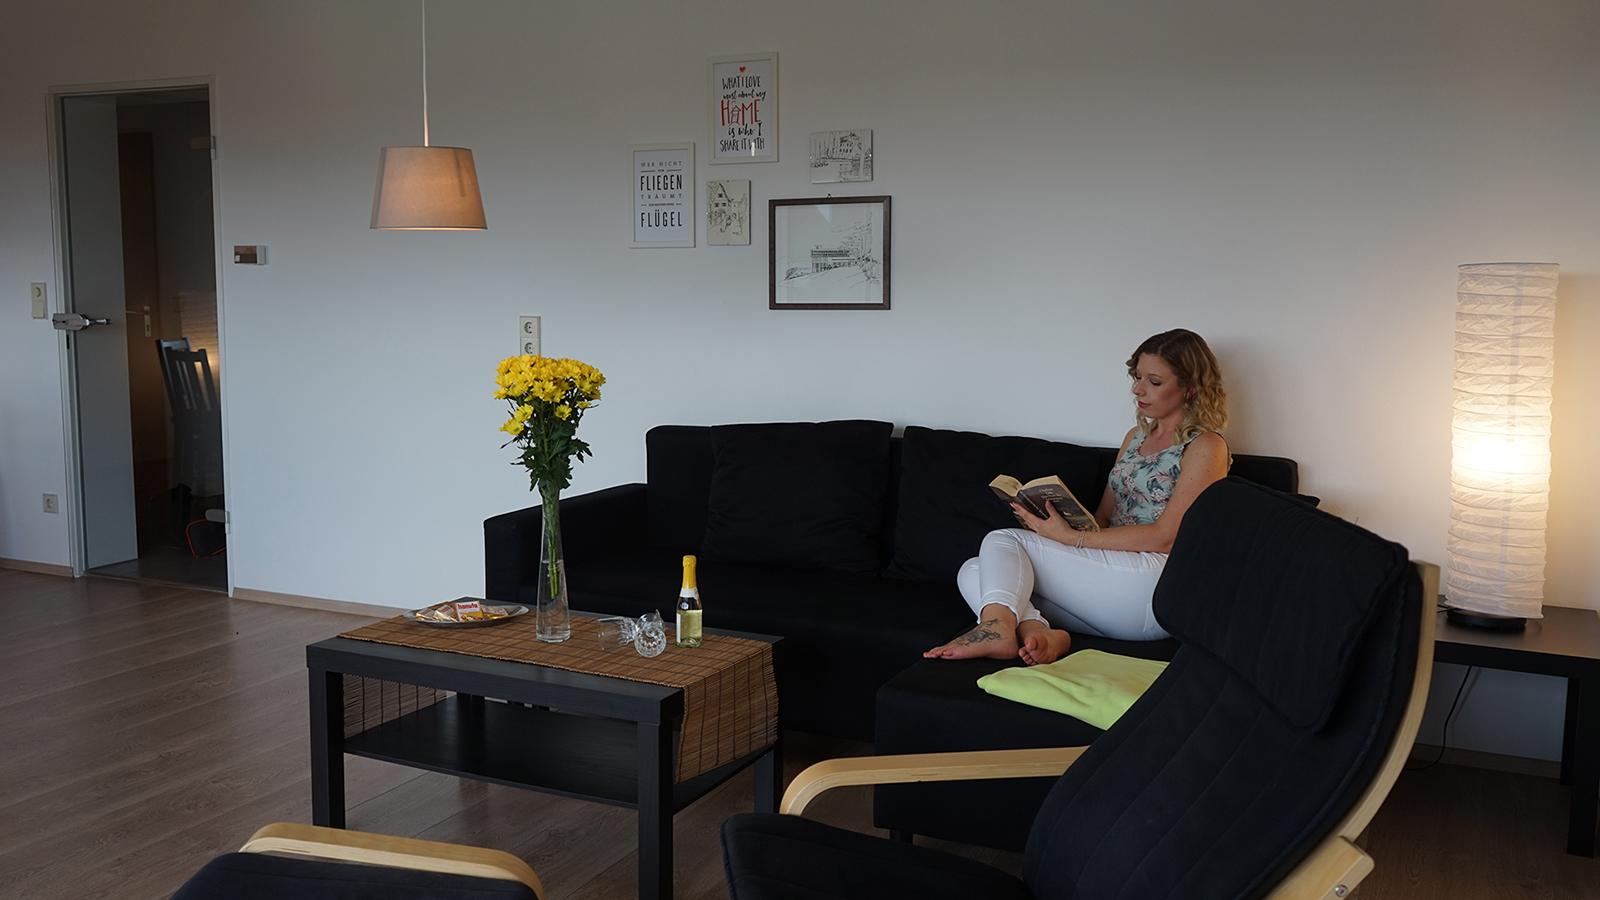 Ferienwohnung am Bodensee: Weitblick - Wohnen